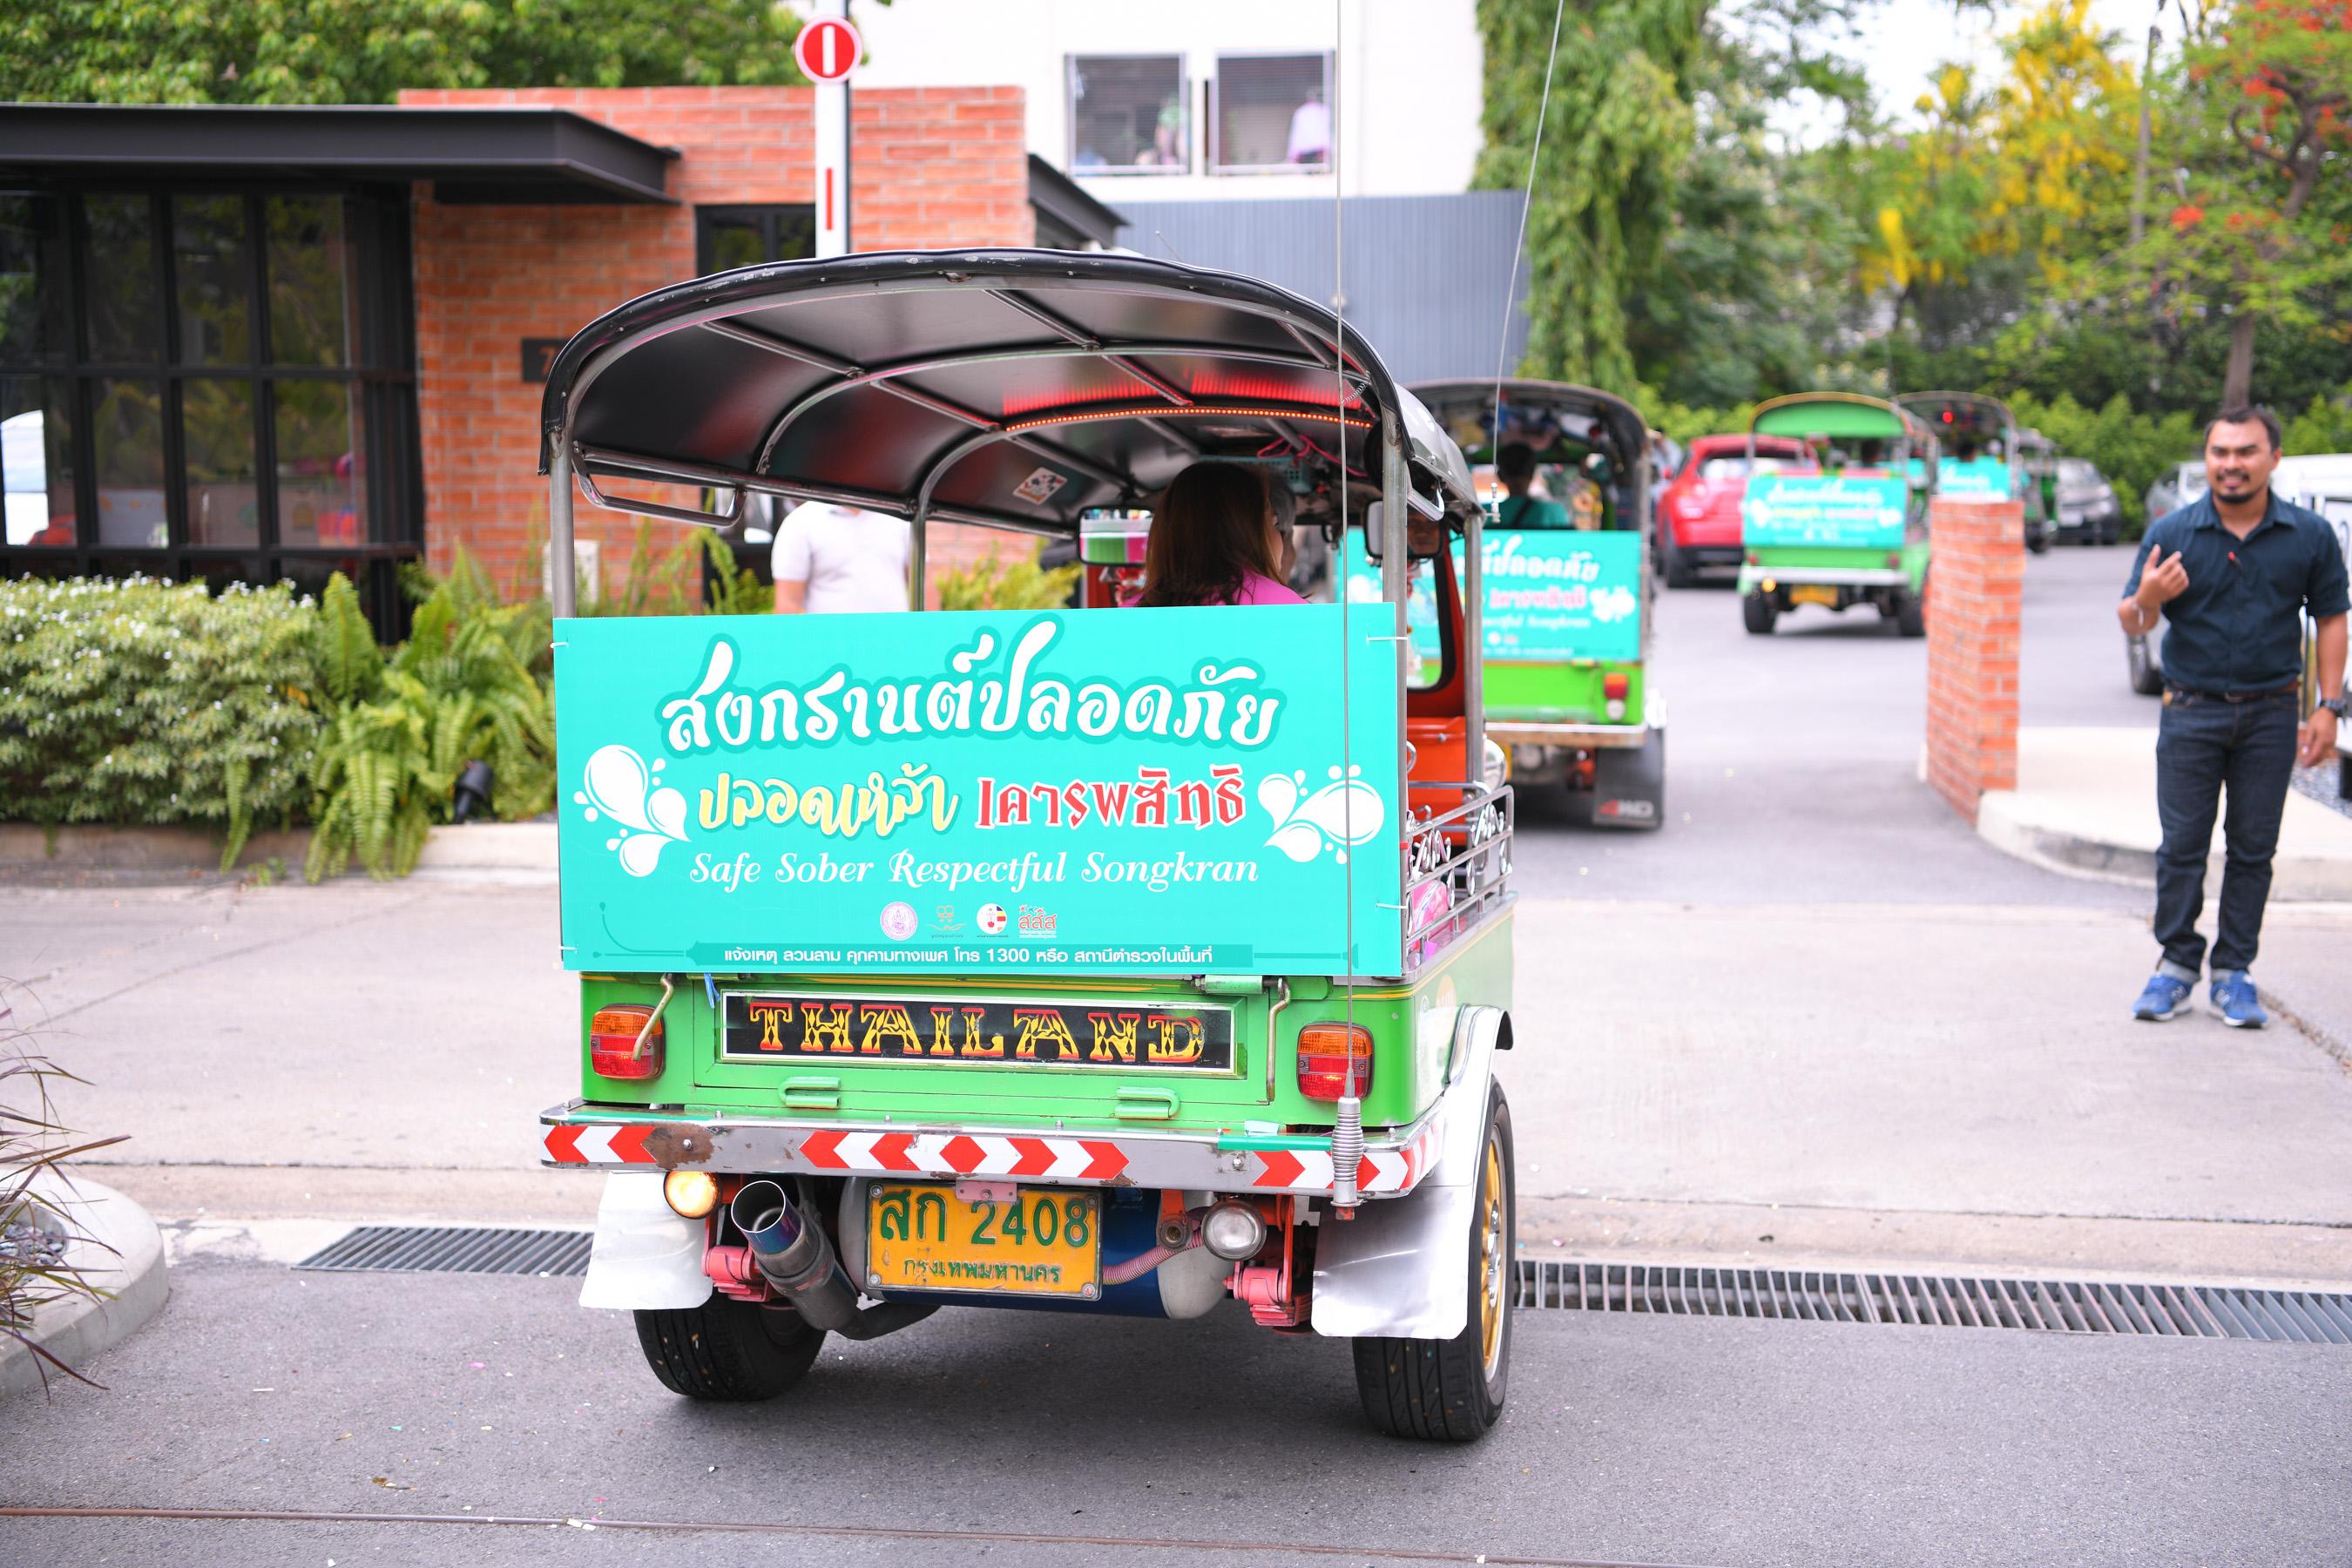 รณรงค์ 'สงกรานต์ปลอดภัย ปลอดเหล้า เคารพสิทธิ' thaihealth